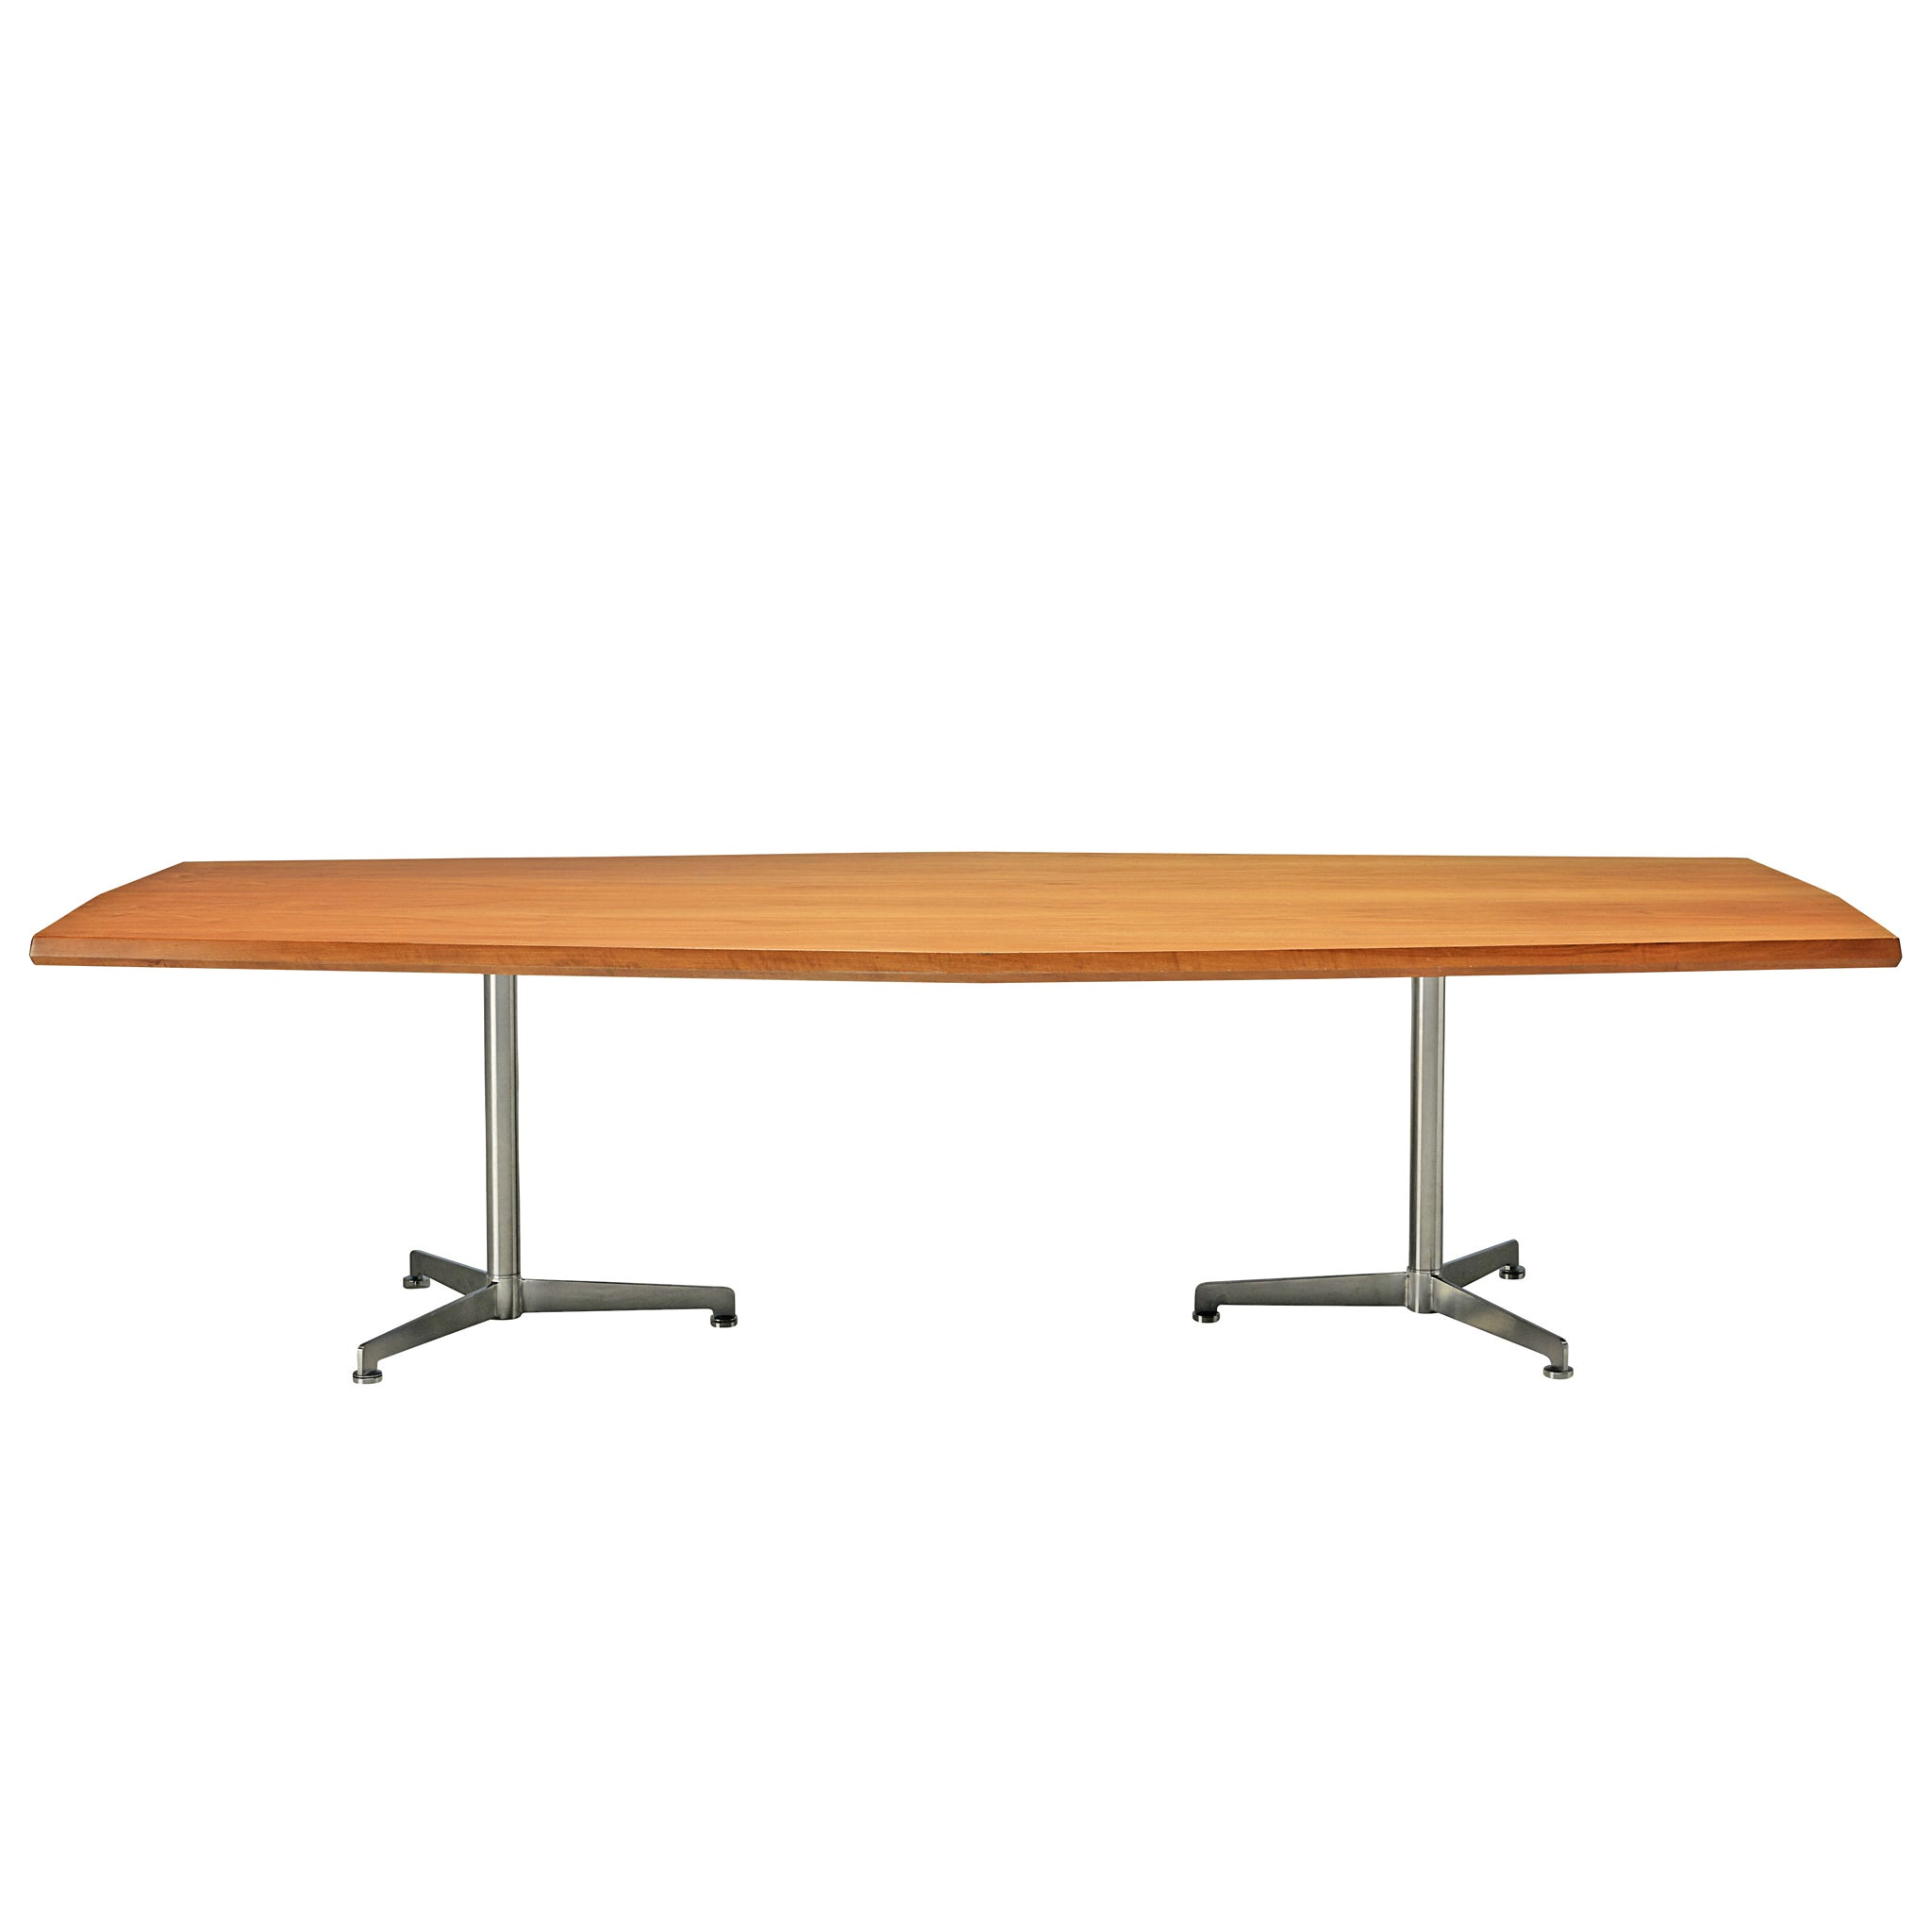 Osvaldo Borsani for Tecno, Writing Table in Mahogany